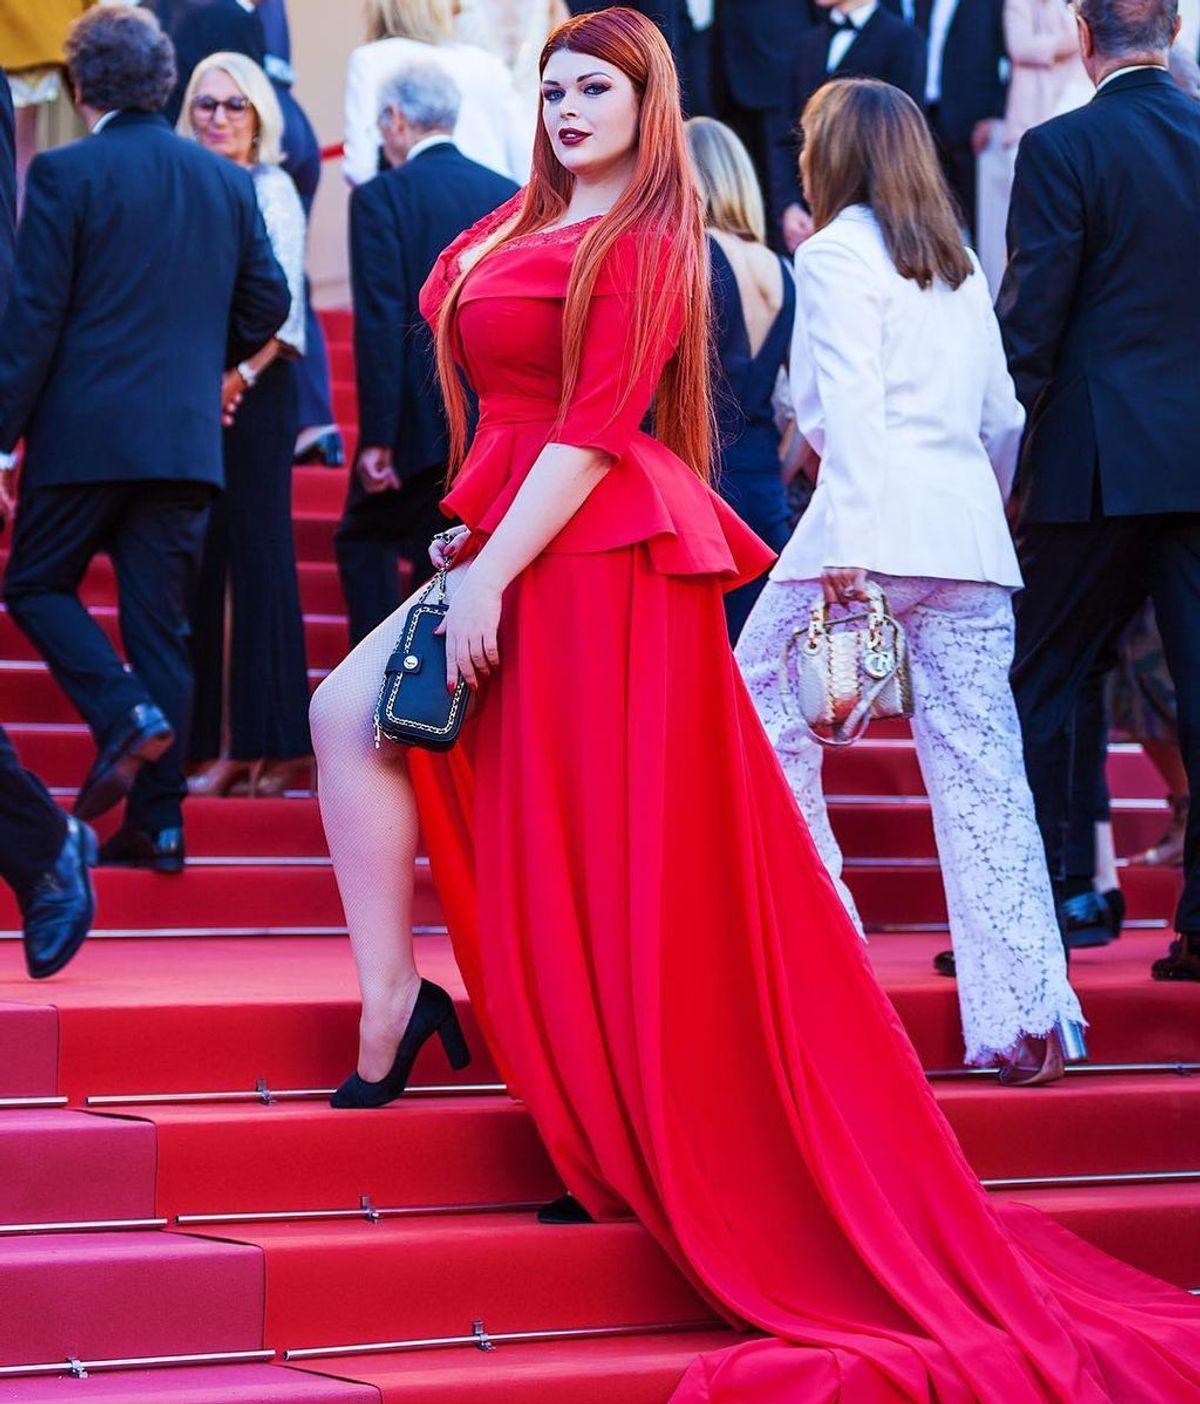 La falda de una modelo rusa se desprende en plena alfombra roja en Cannes